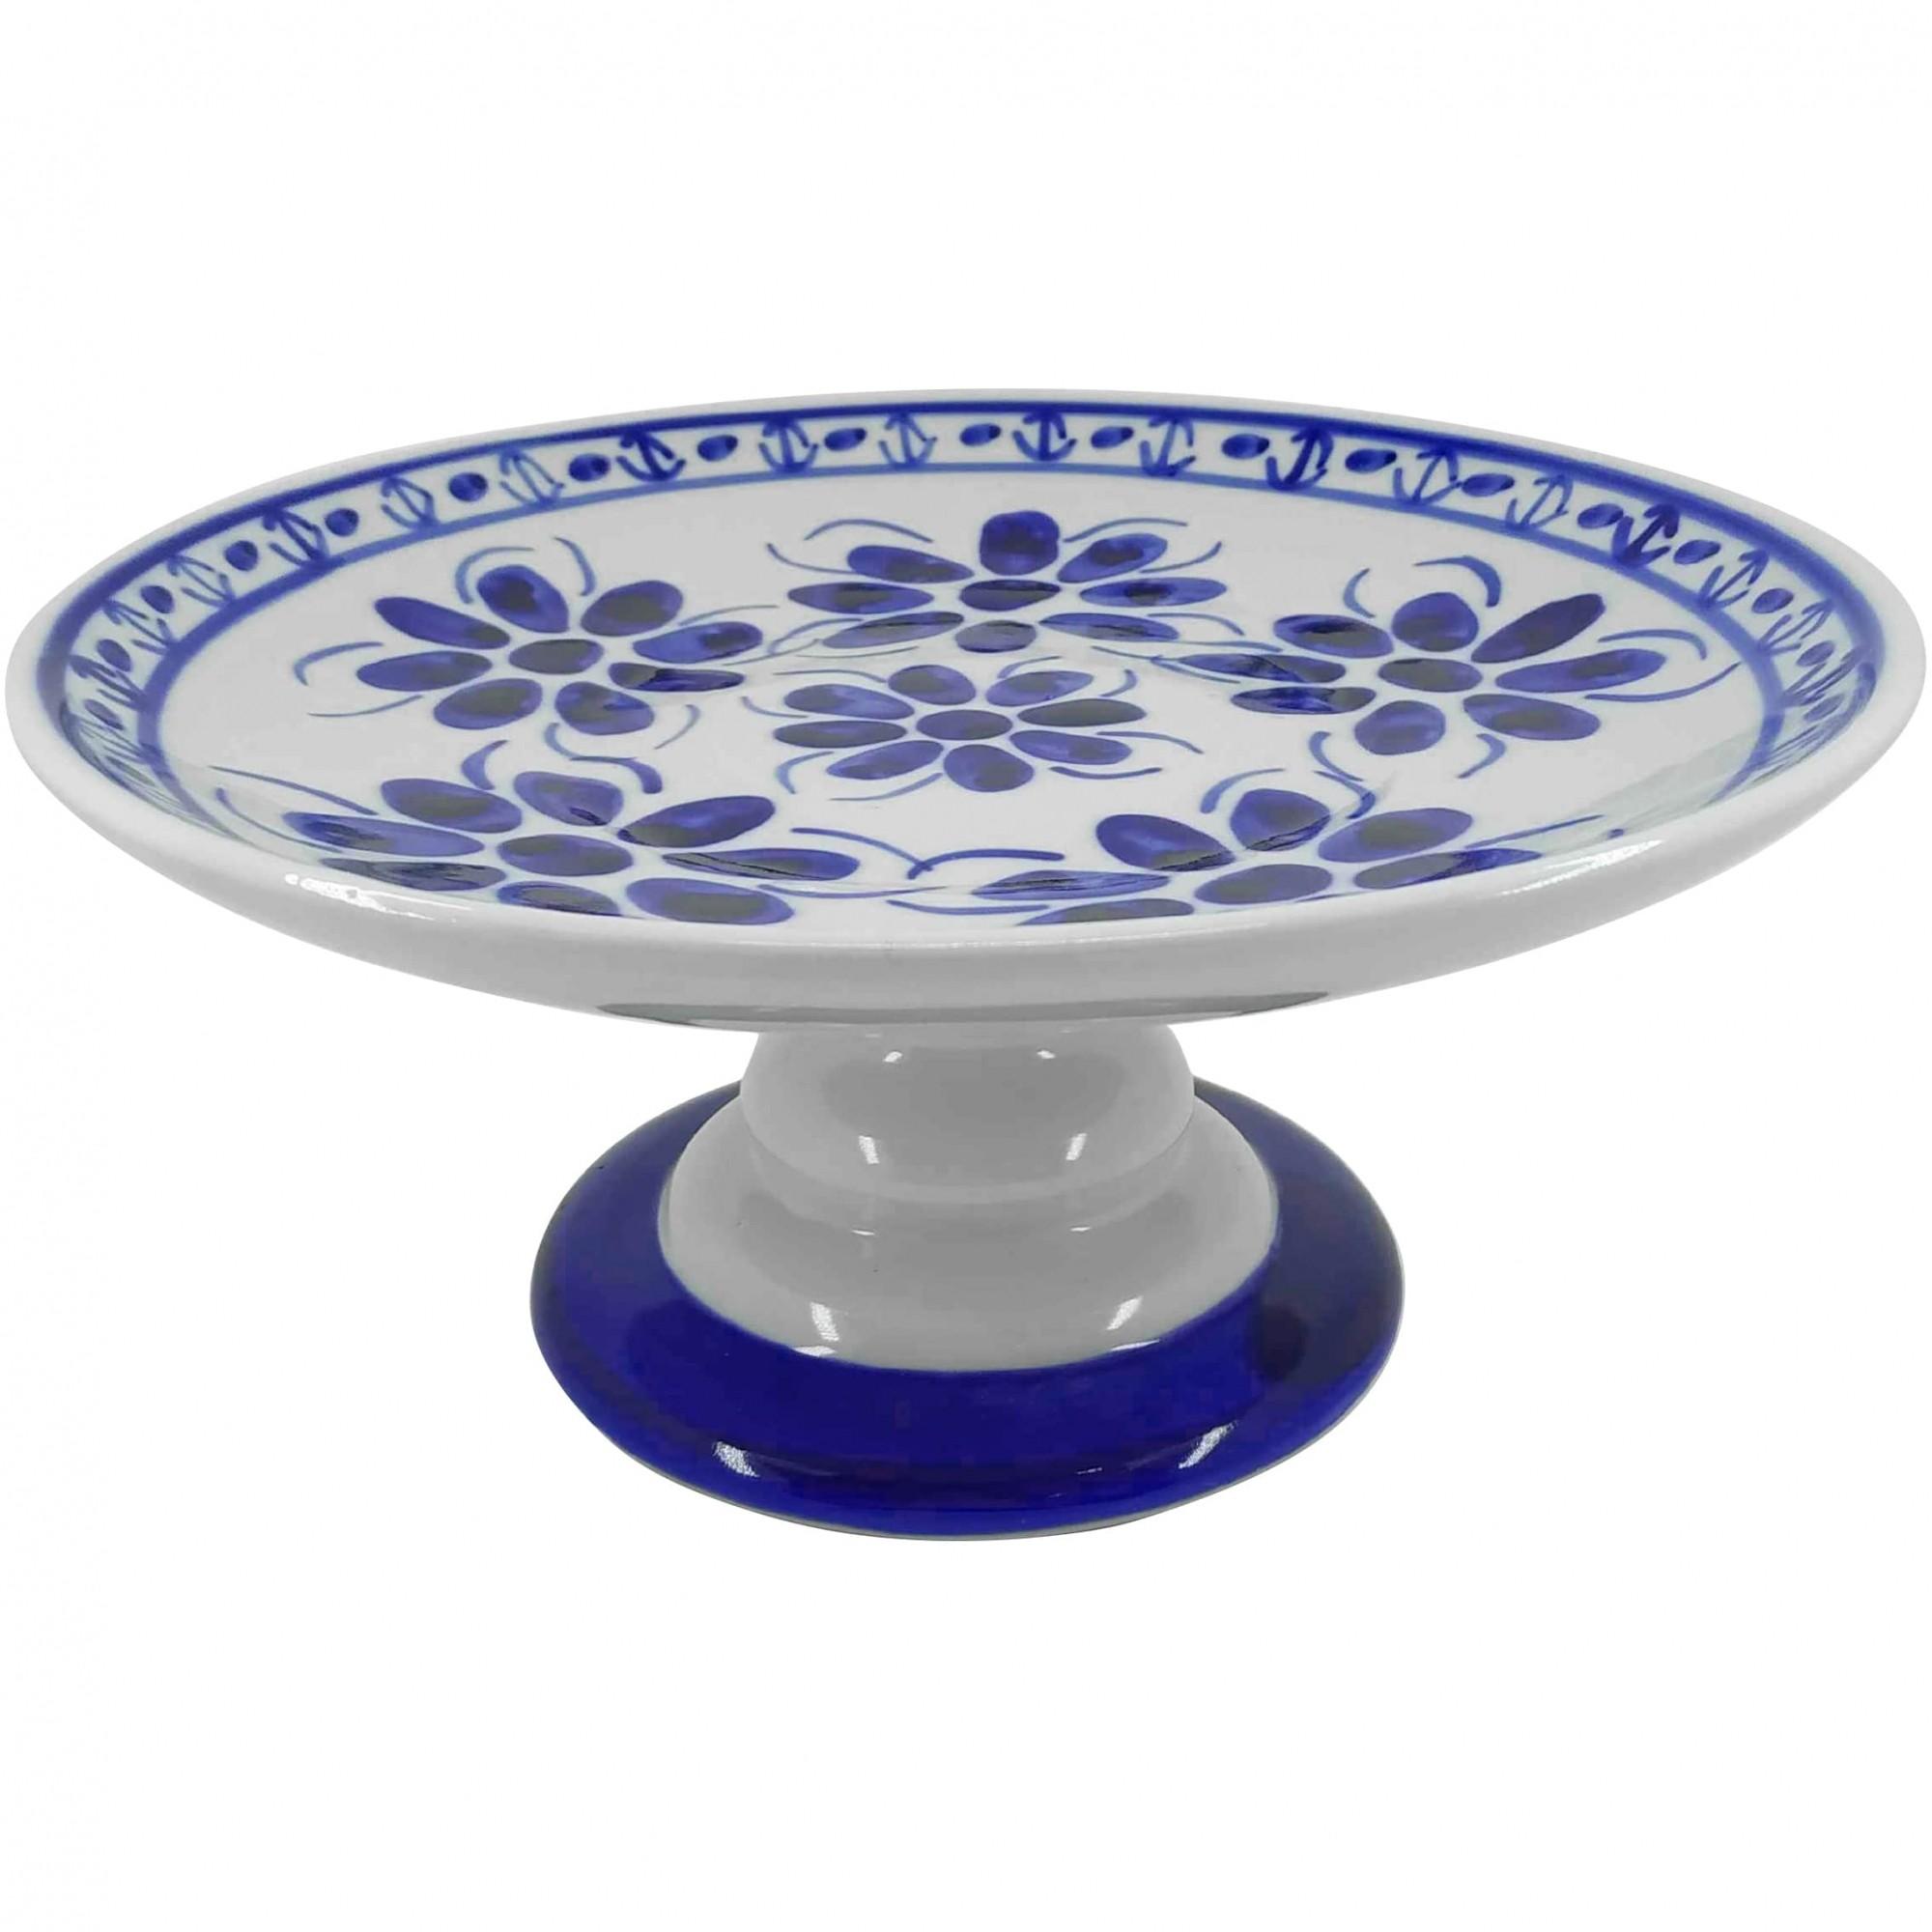 Prato Bolo Boleira em Porcelana Azul Colonial 27 cm